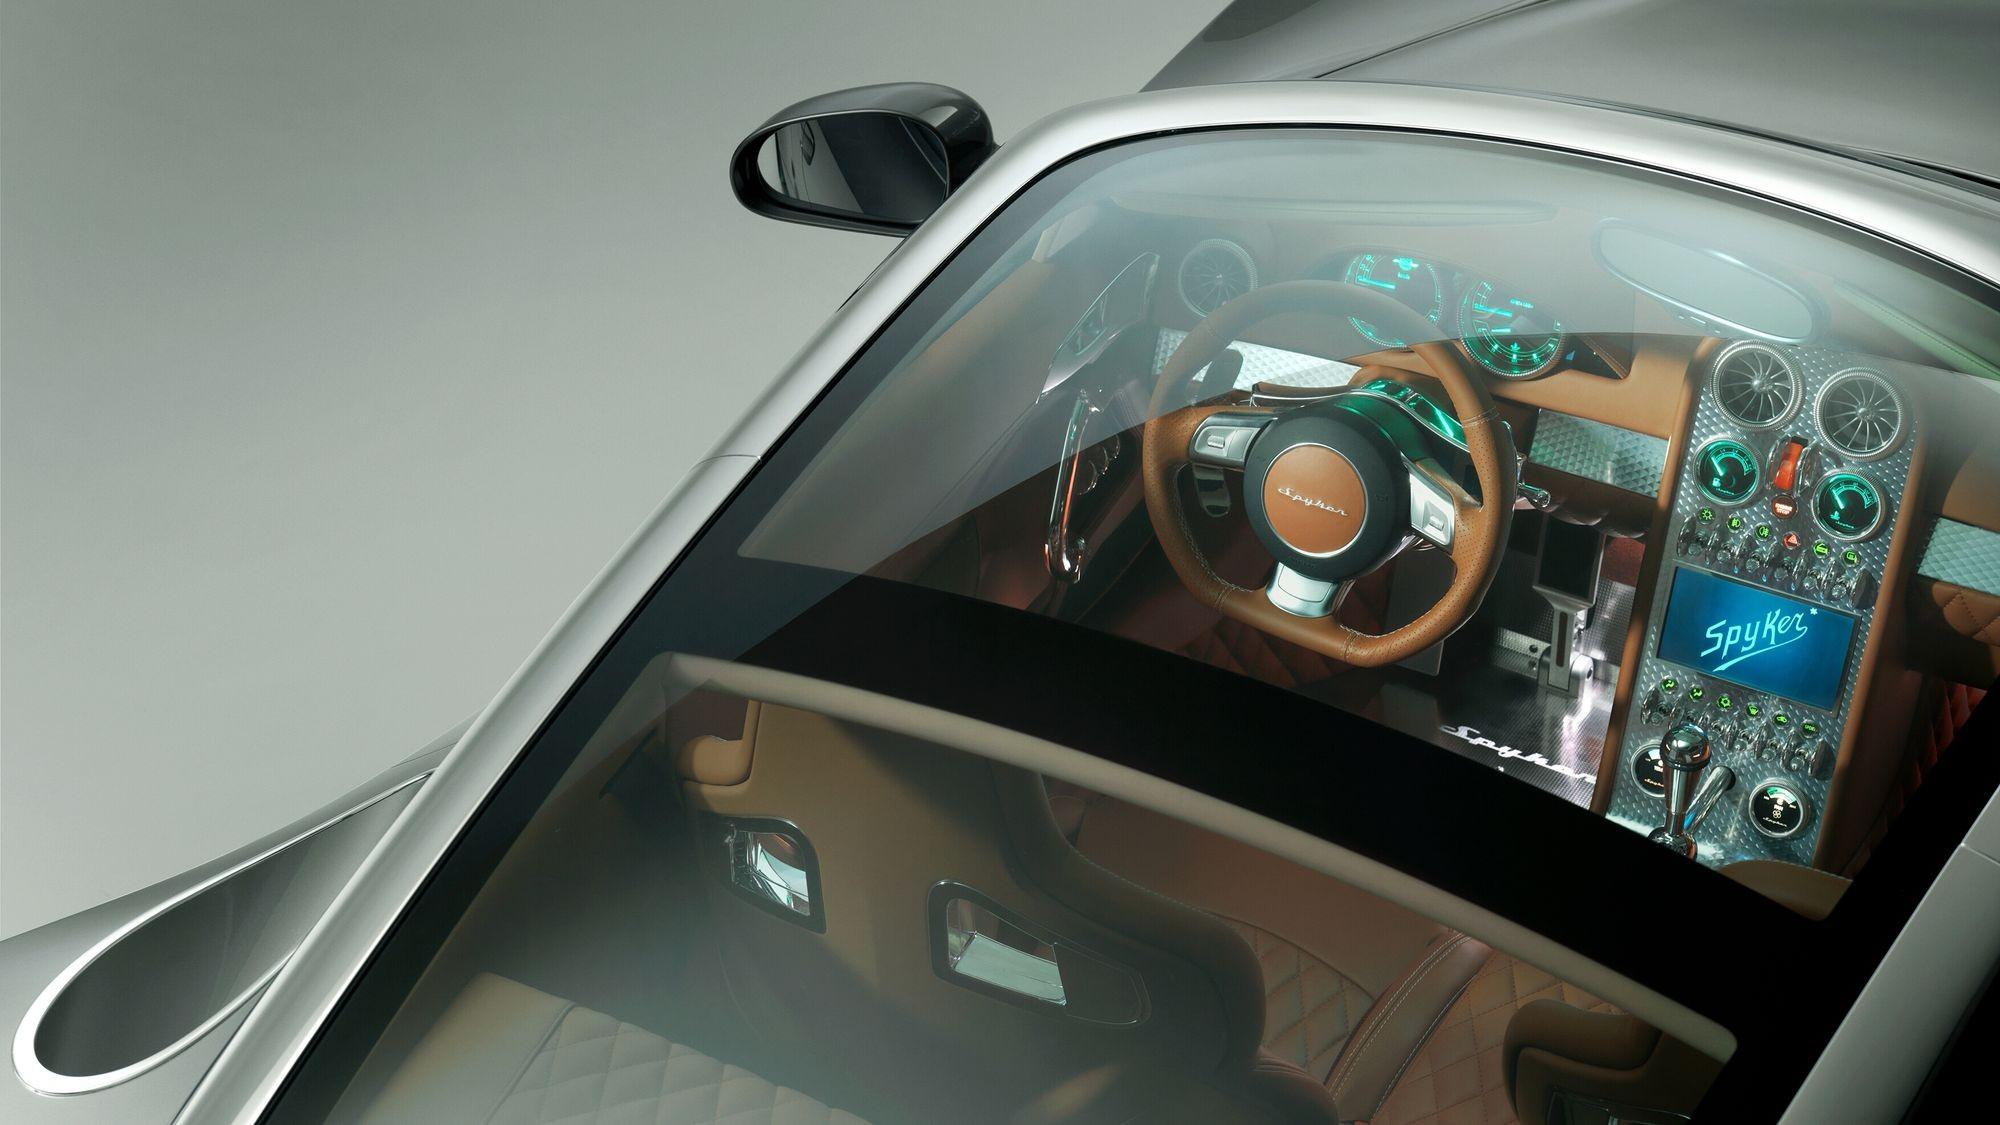 Российские олигархи дали денег на возрождение марки Spyker